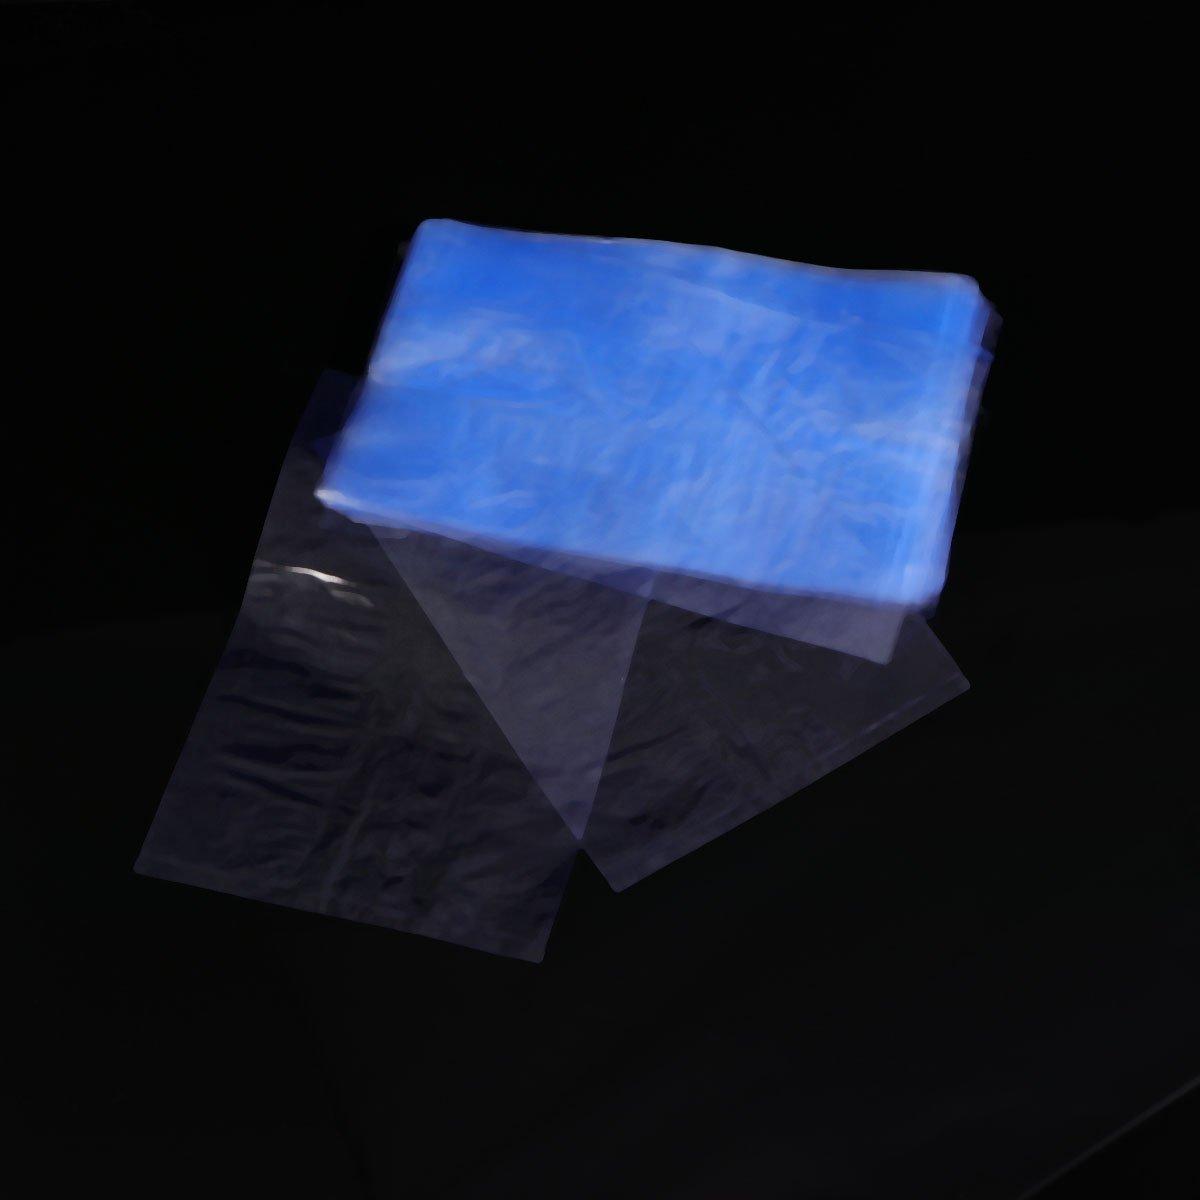 Hemobllo 100pcs involucri del PVC che restringono le borse della saldatura a caldo del film che imballano la pellicola per i saponi bombe del bagno e lartigianato di DIY 10 x 15cm